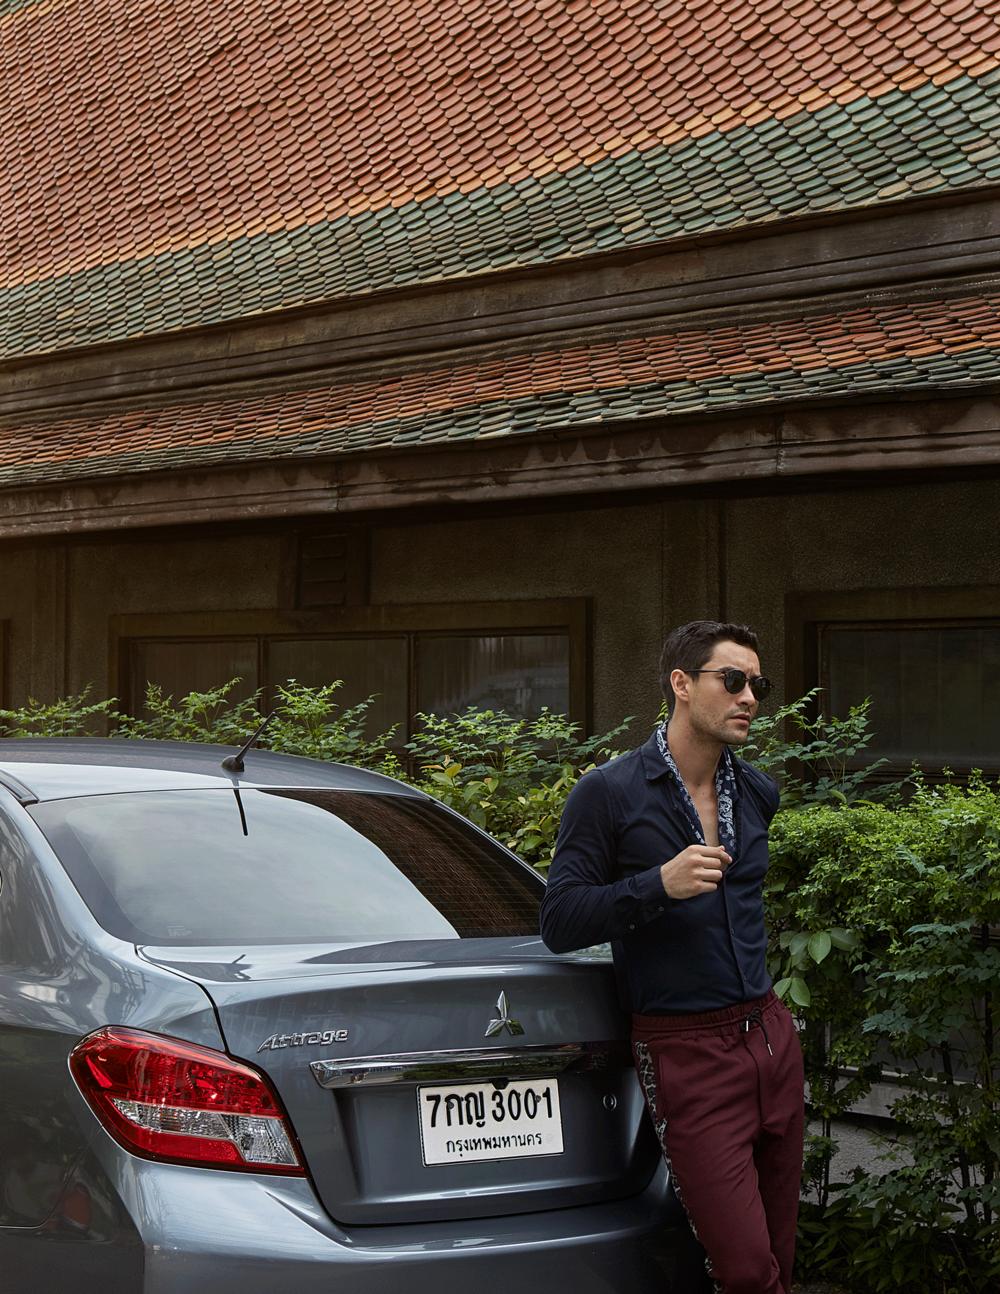 car : Mitsubishi NEW Attrage  shirt : Jil Sander / pants : Theatre / sunglasses : TAVAT